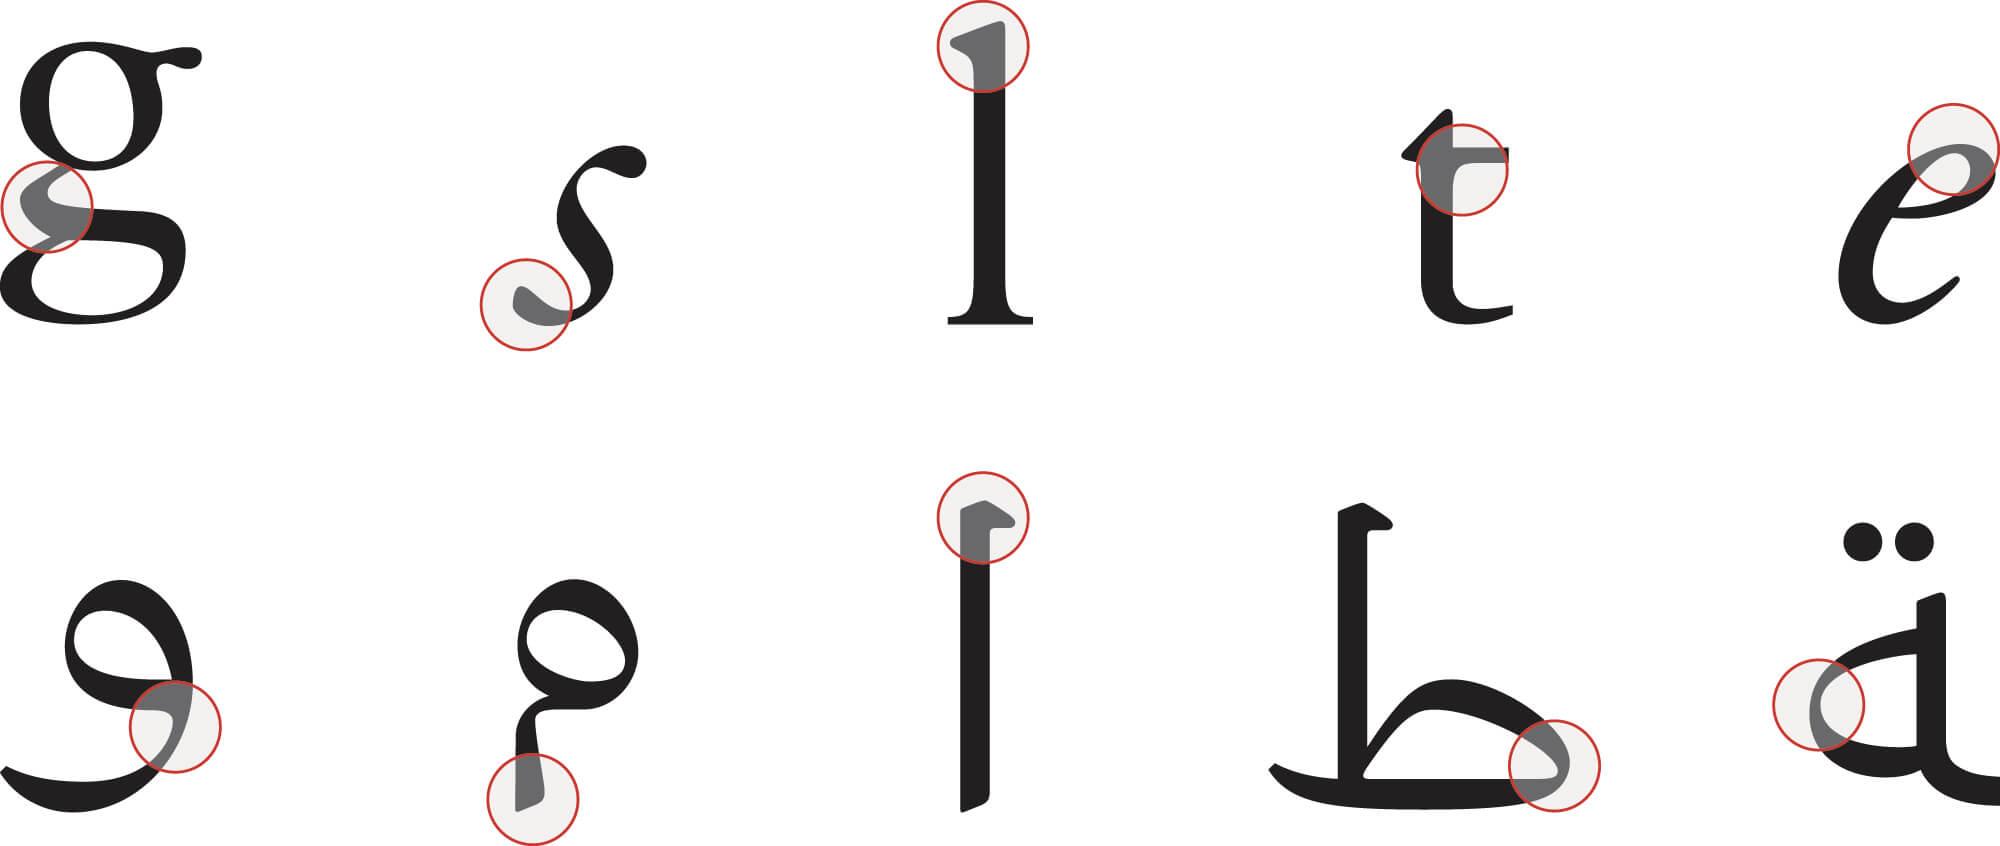 le louvre arabic, détail d'une typographie dessinée par Laurent Bourcelier pour le Louvre Abu Dhabi dans une identité réalisé par Ichetkar.